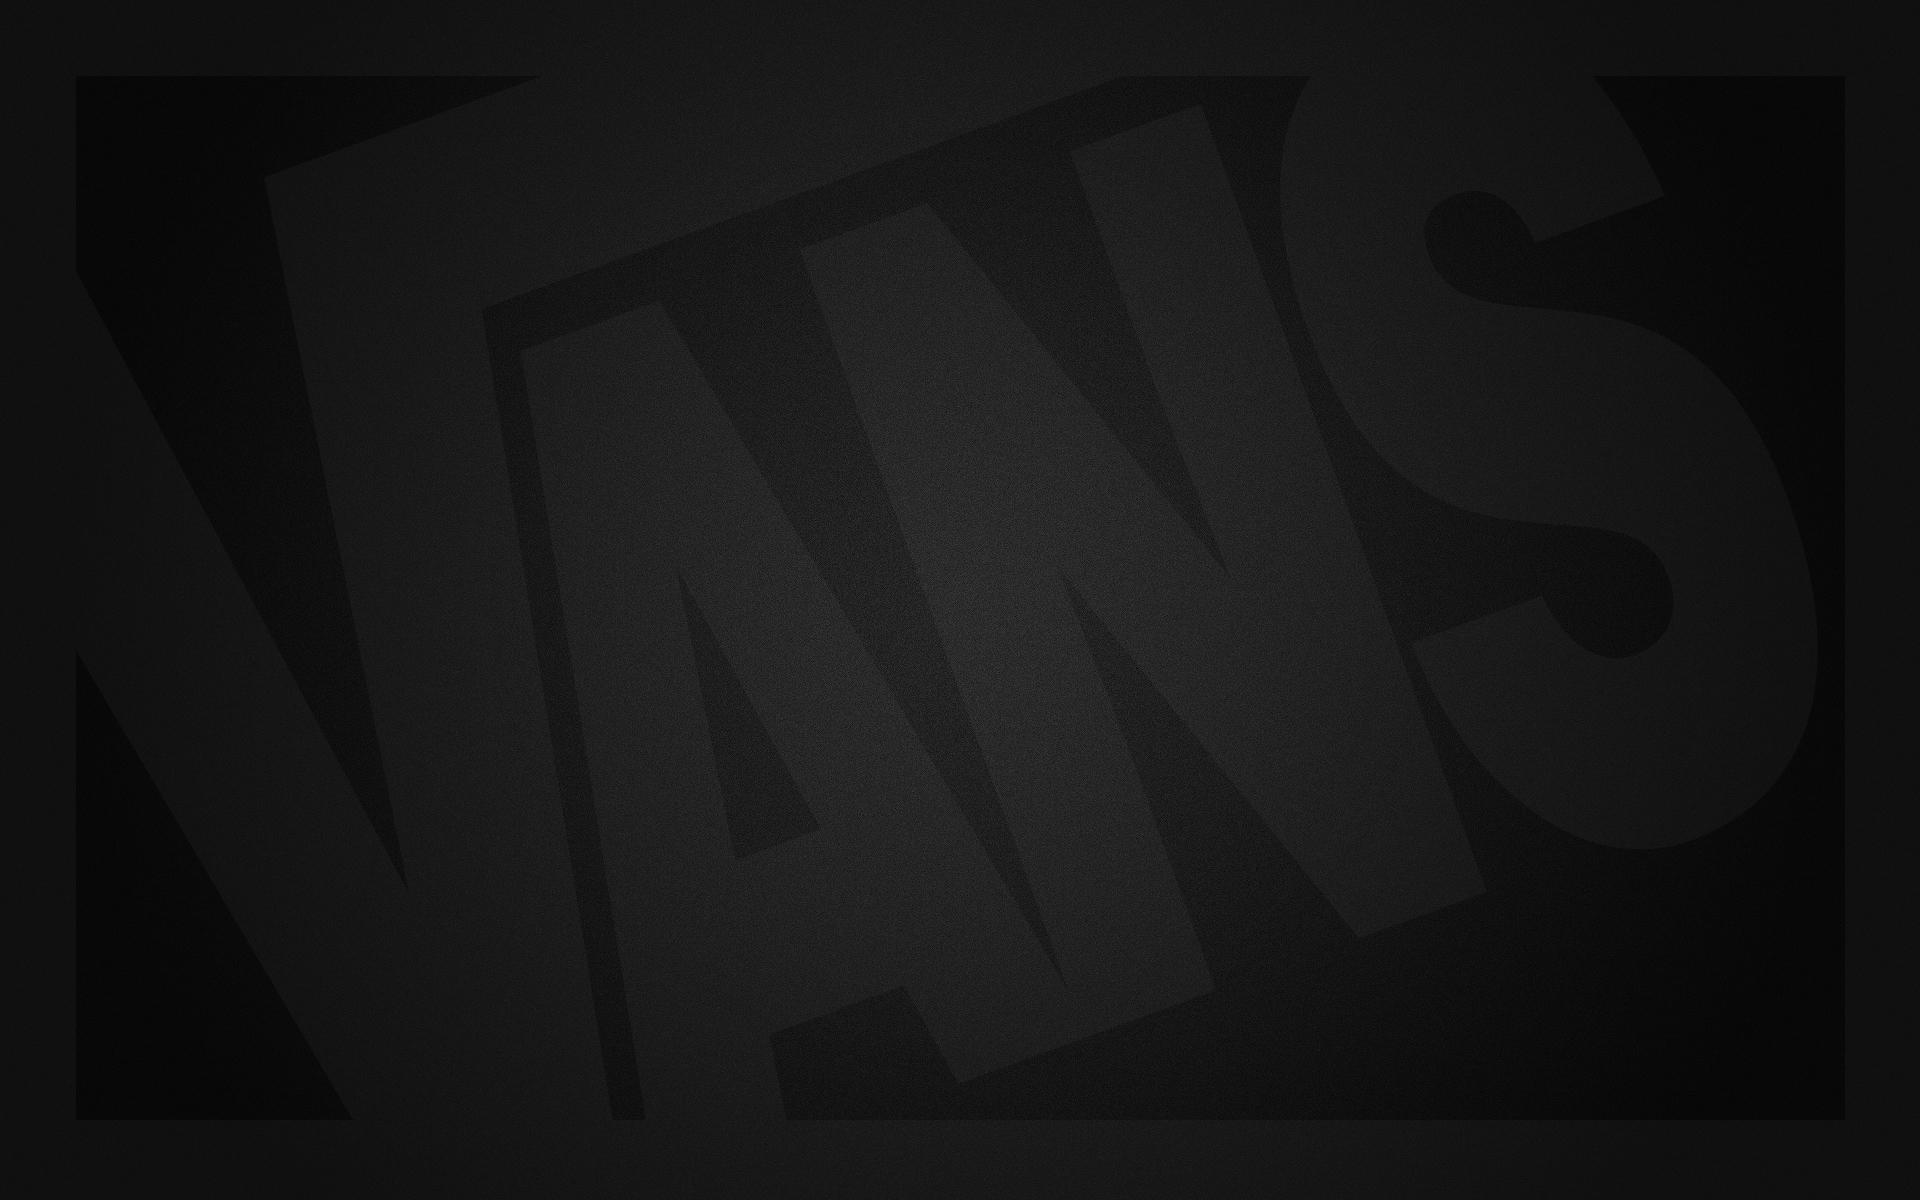 Vans Dark Wallpaper 1920x1200